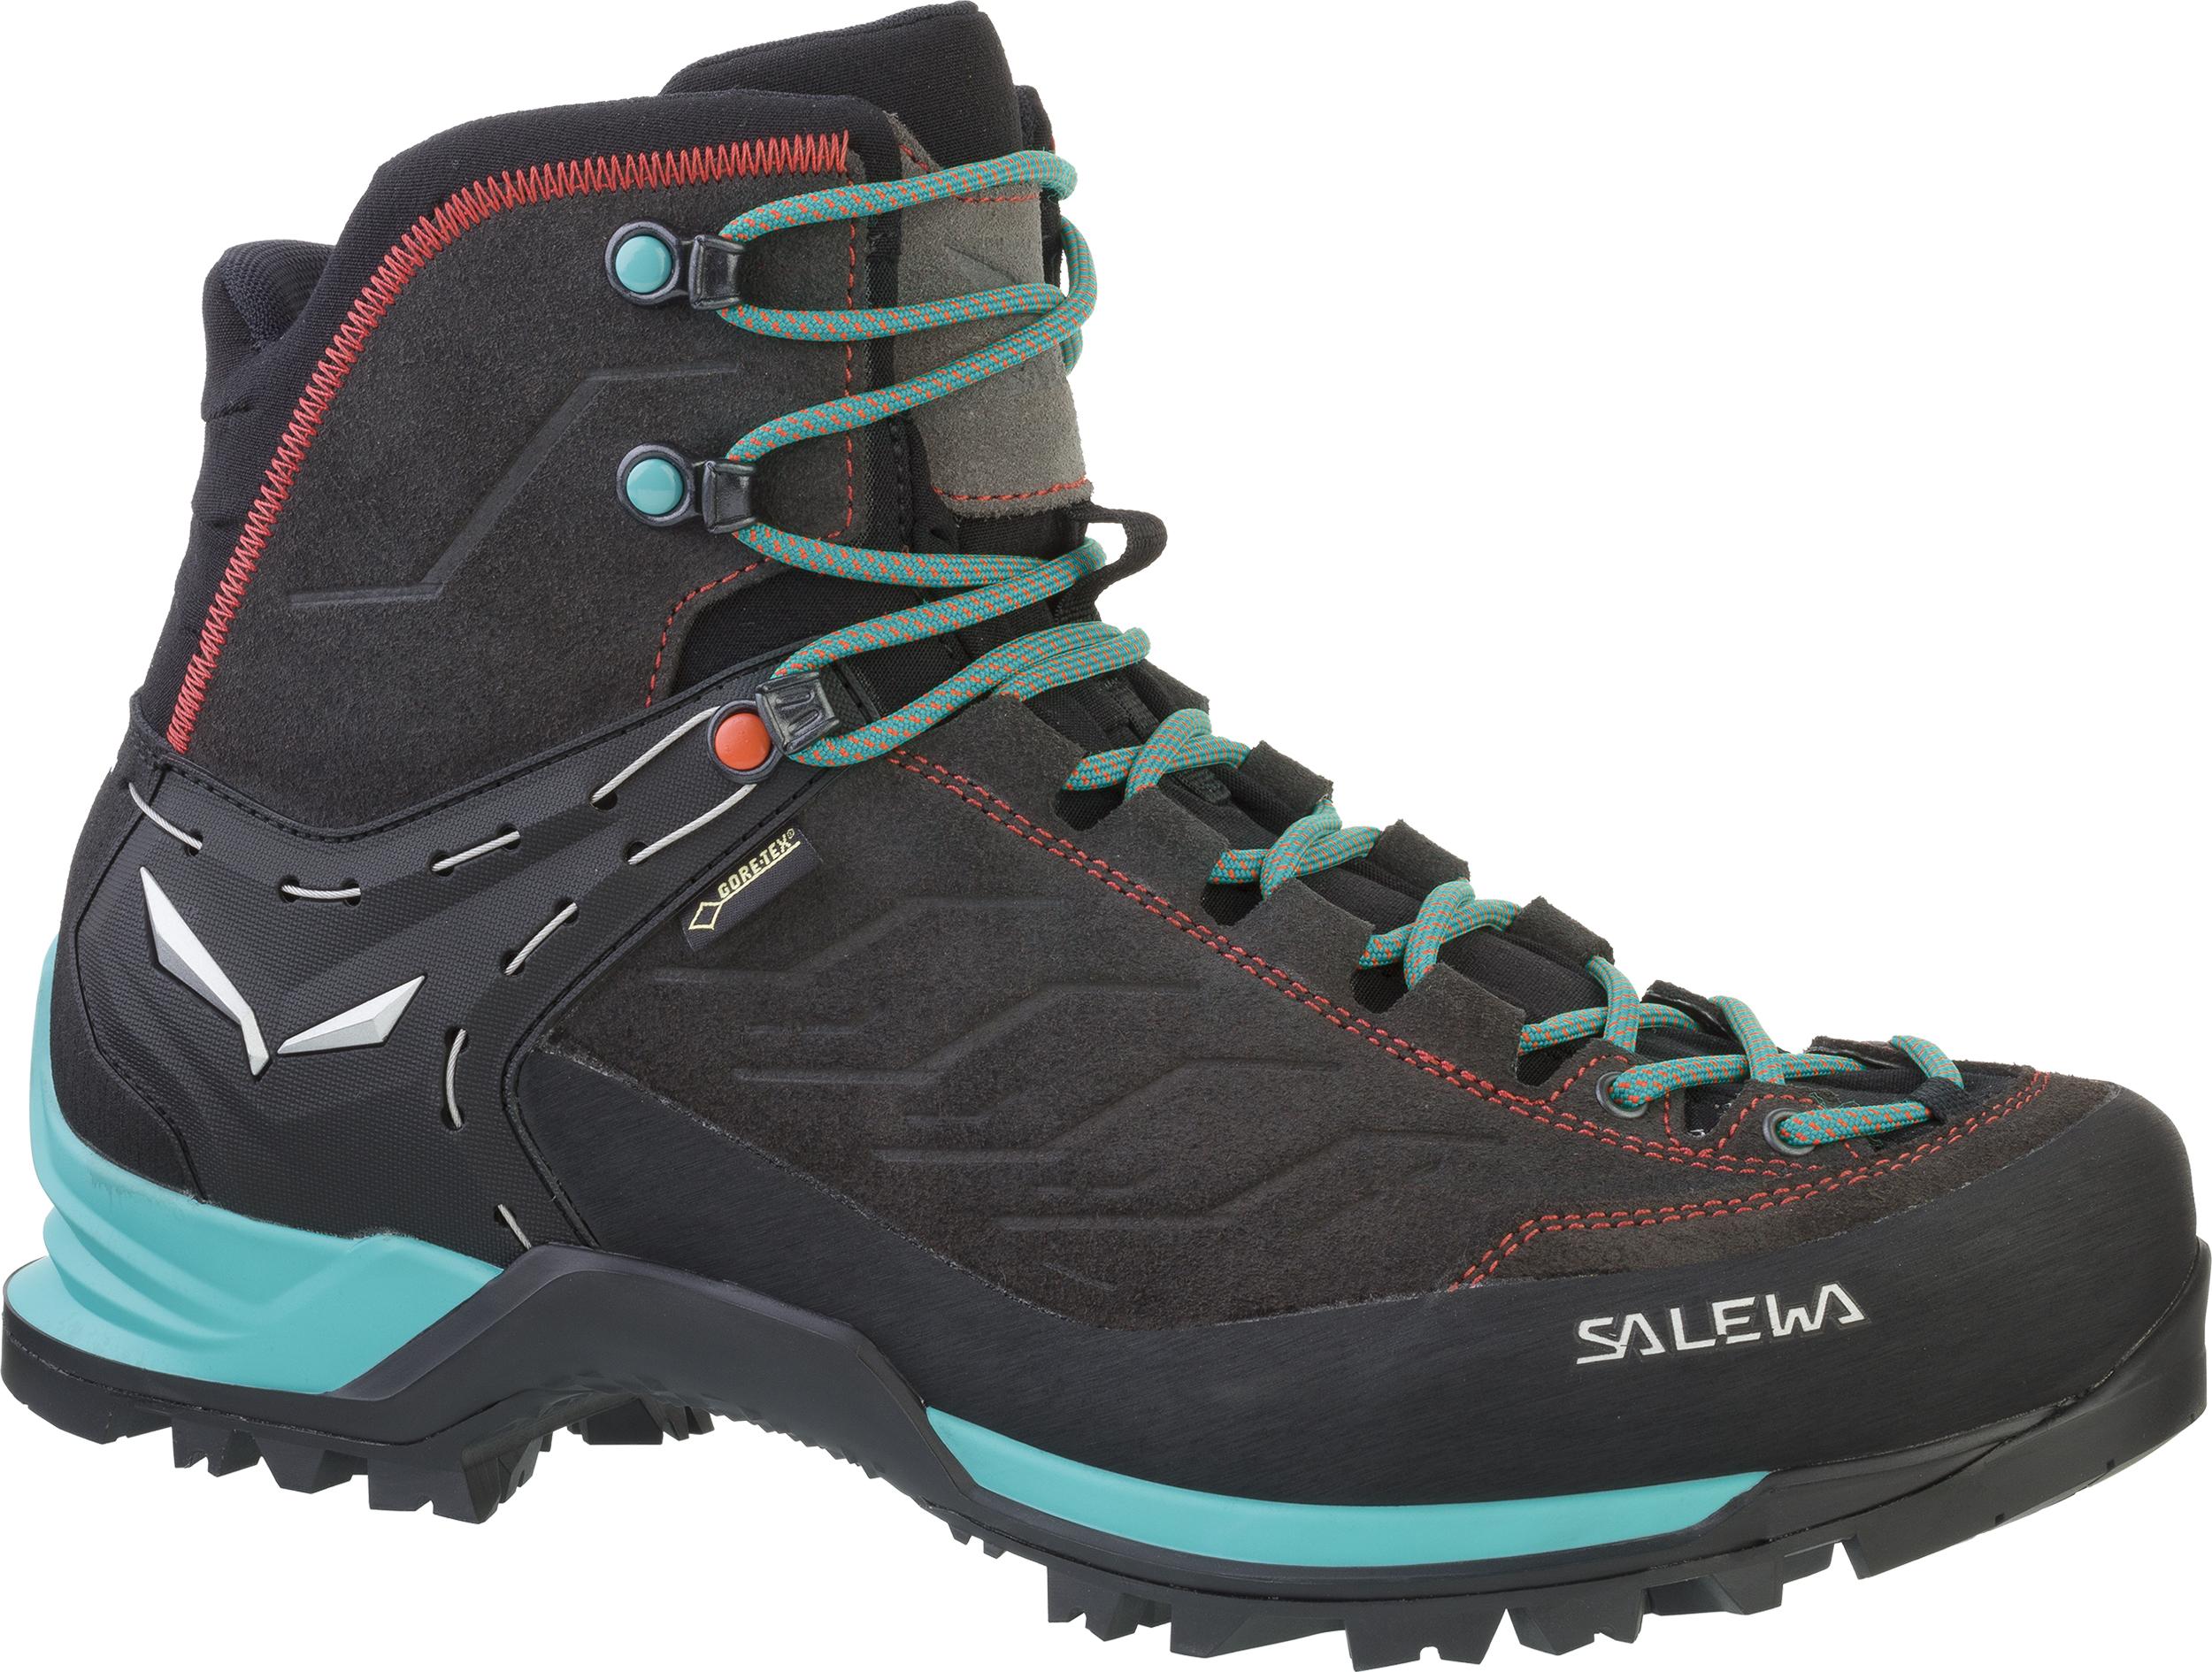 e10bde2f1d1 Salewa Mountain Trainer Mid Gore-Tex - Women's